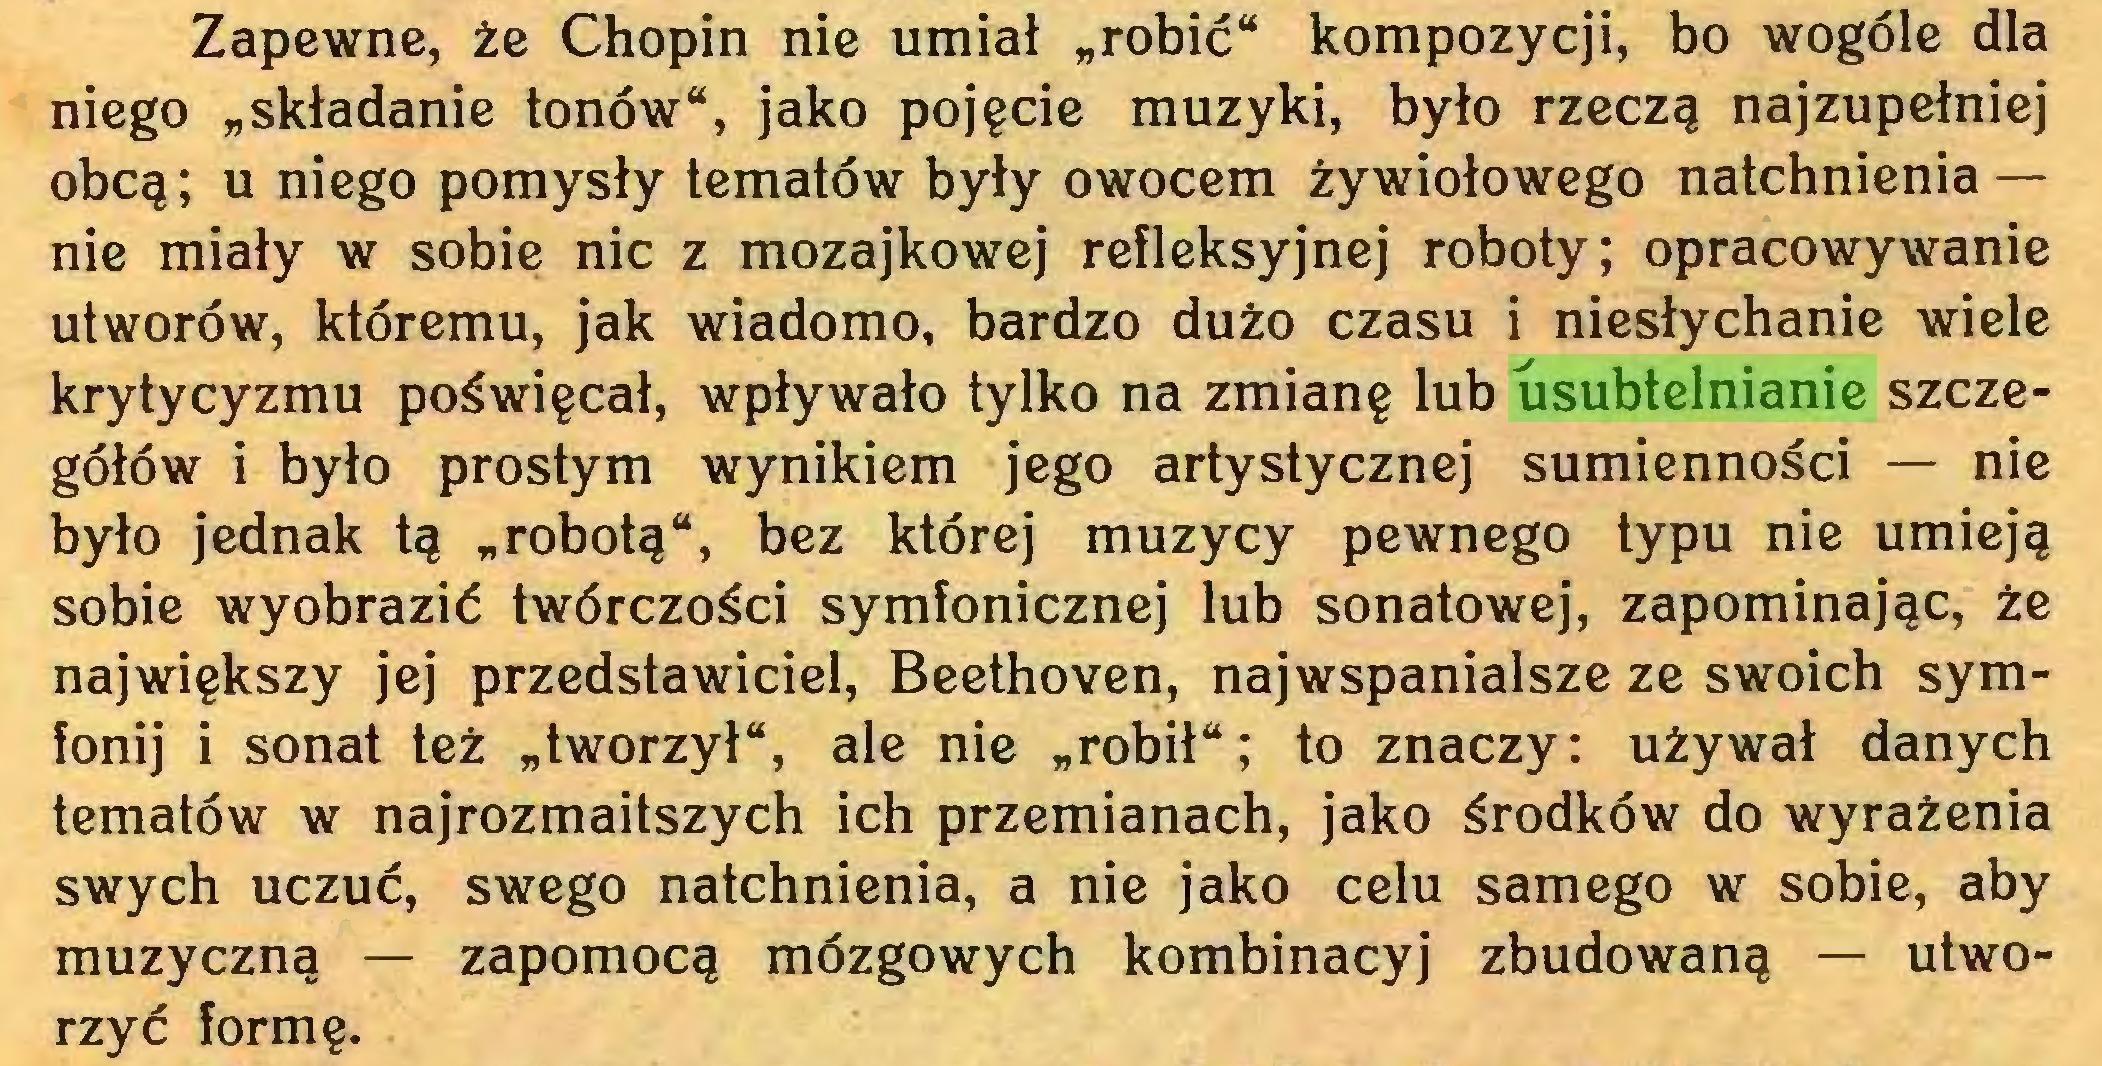 """(...) Zapewne, że Chopin nie umiał """"robić"""" kompozycji, bo wogóle dla niego """"składanie tonów"""", jako pojęcie muzyki, było rzeczą najzupełniej obcą ; u niego pomysły tematów były owocem żywiołowego natchnienia — nie miały w sobie nic z mozajkowej refleksyjnej roboty; opracowywanie utworów, któremu, jak wiadomo, bardzo dużo czasu i niesłychanie wiele krytycyzmu poświęcał, wpływało tylko na zmianę lub usubtelnianie szczegółów i było prostym wynikiem jego artystycznej sumienności — nie było jednak tą """"robotą"""", bez której muzycy pewnego typu nie umieją sobie wyobrazić twórczości symfonicznej lub sonatowej, zapominając, że największy jej przedstawiciel, Beethoven, najwspanialsze ze swoich symfonij i sonat też """"tworzył"""", ale nie """"robił""""; to znaczy: używał danych tematów w najrozmaitszych ich przemianach, jako środków do wyrażenia swych uczuć, swego natchnienia, a nie jako celu samego w sobie, aby muzyczną — zapomocą mózgowych kombinacyj zbudowaną — utworzyć formę..."""